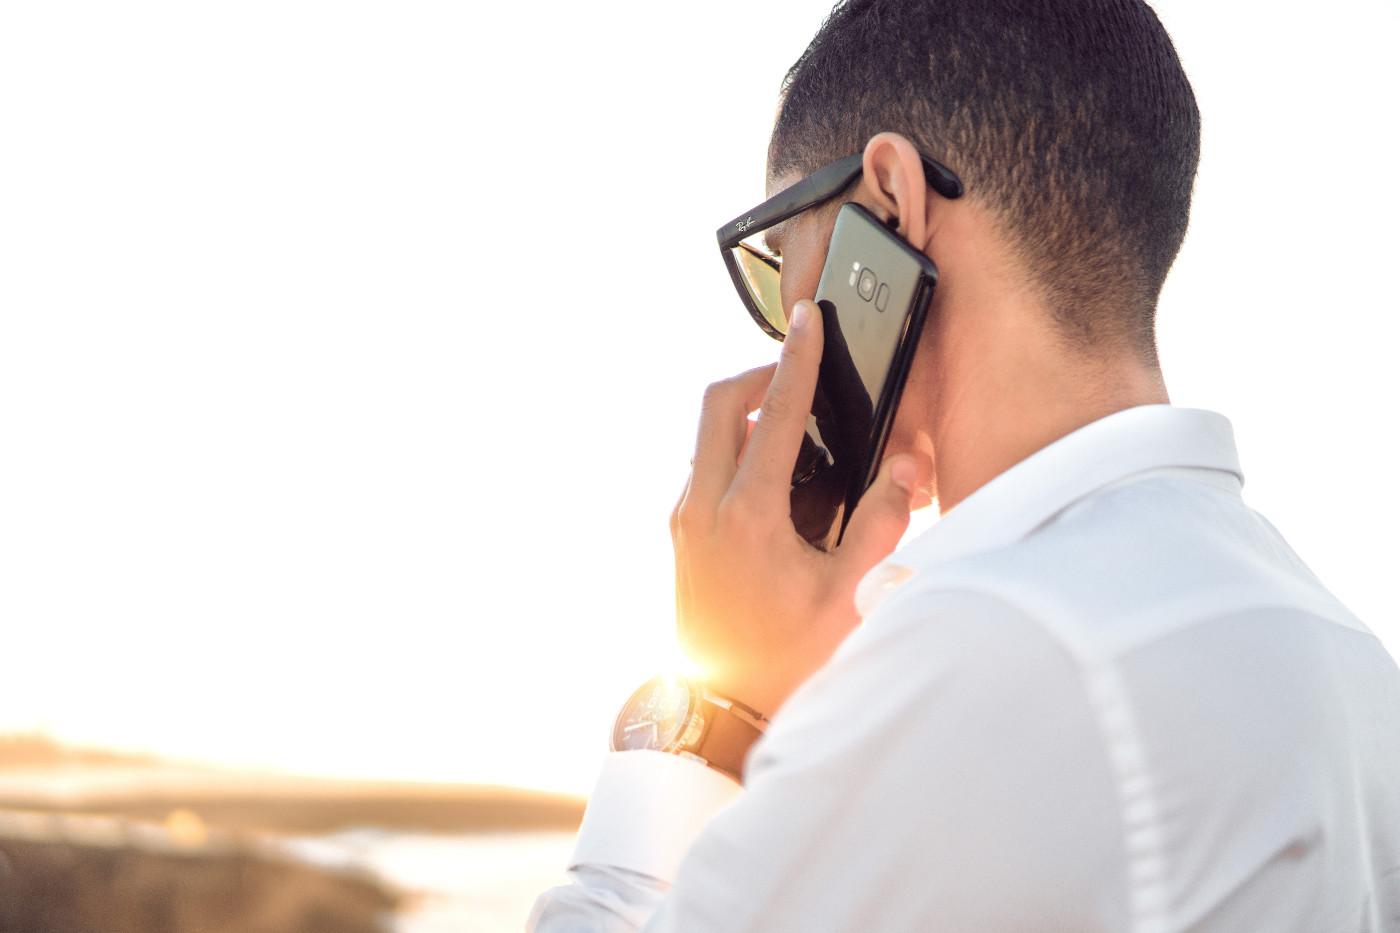 Vous pourrez bientôt enregistrer les appels téléphoniques sur Android